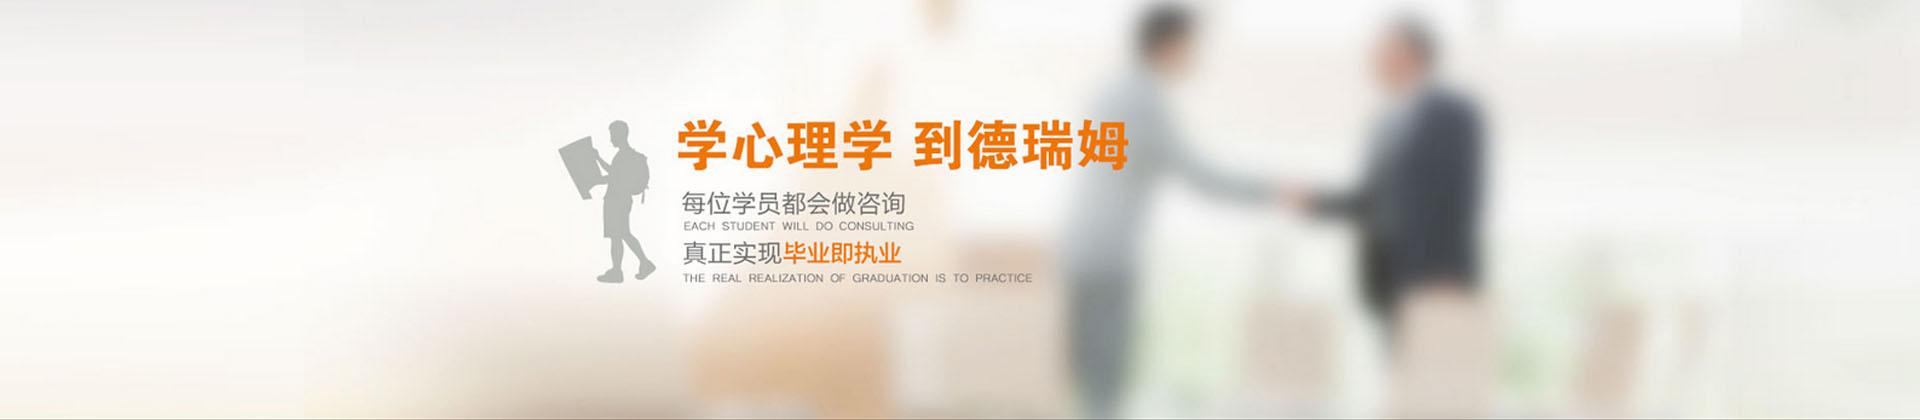 廣州德瑞姆心理教育